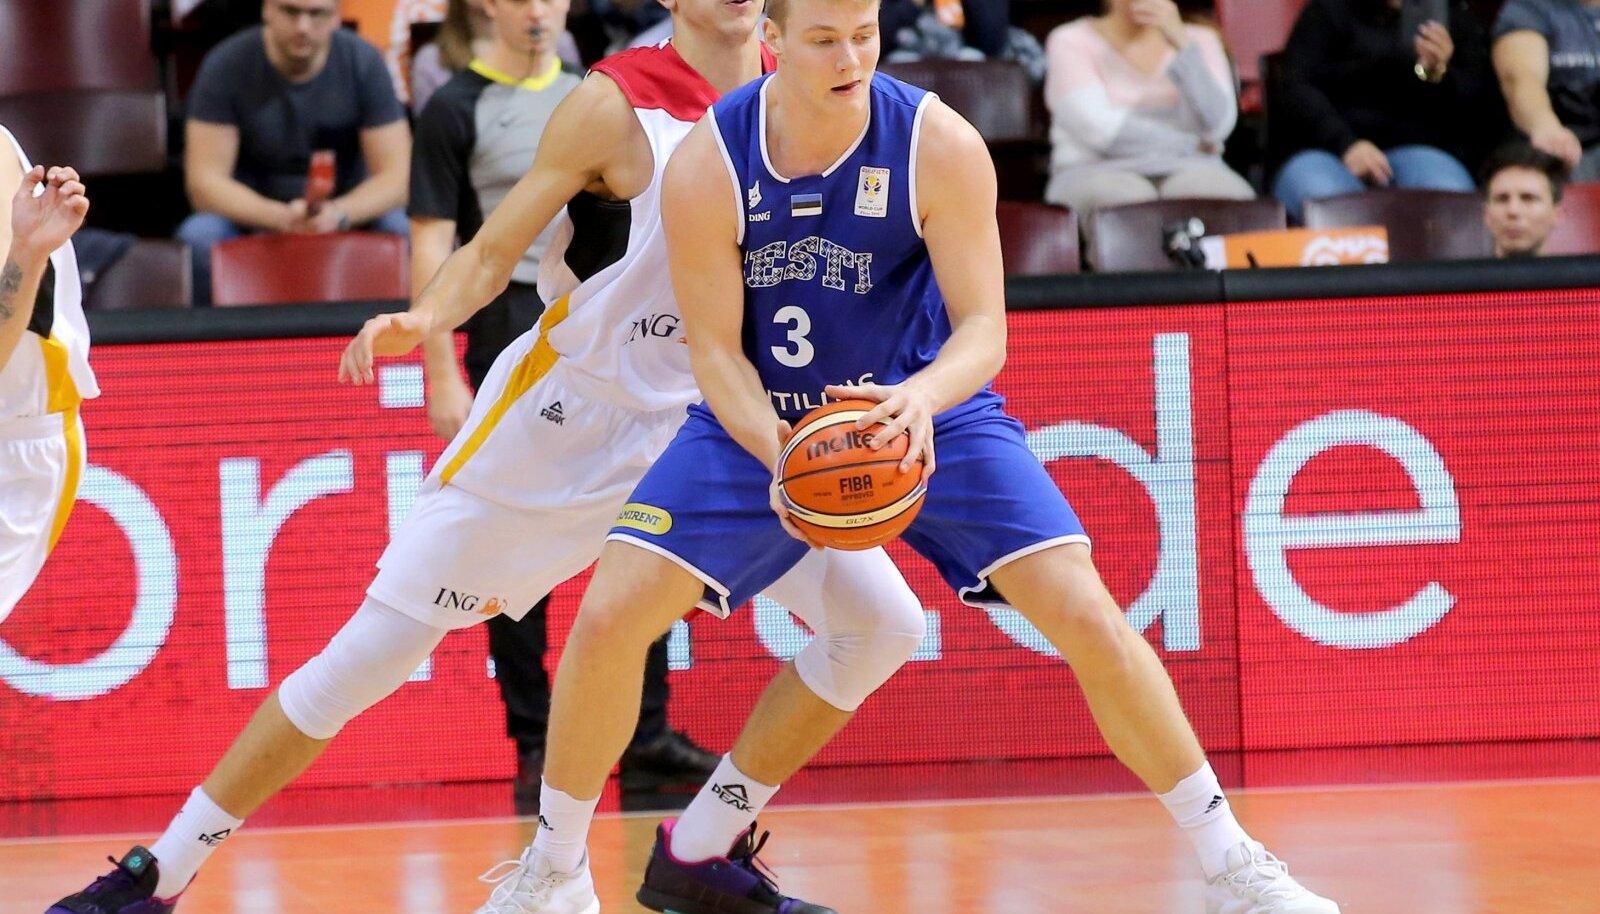 Tim Schneider Deutschland Kaspar Treier Estland Deutschland vs Estland FIBA Basketball WM